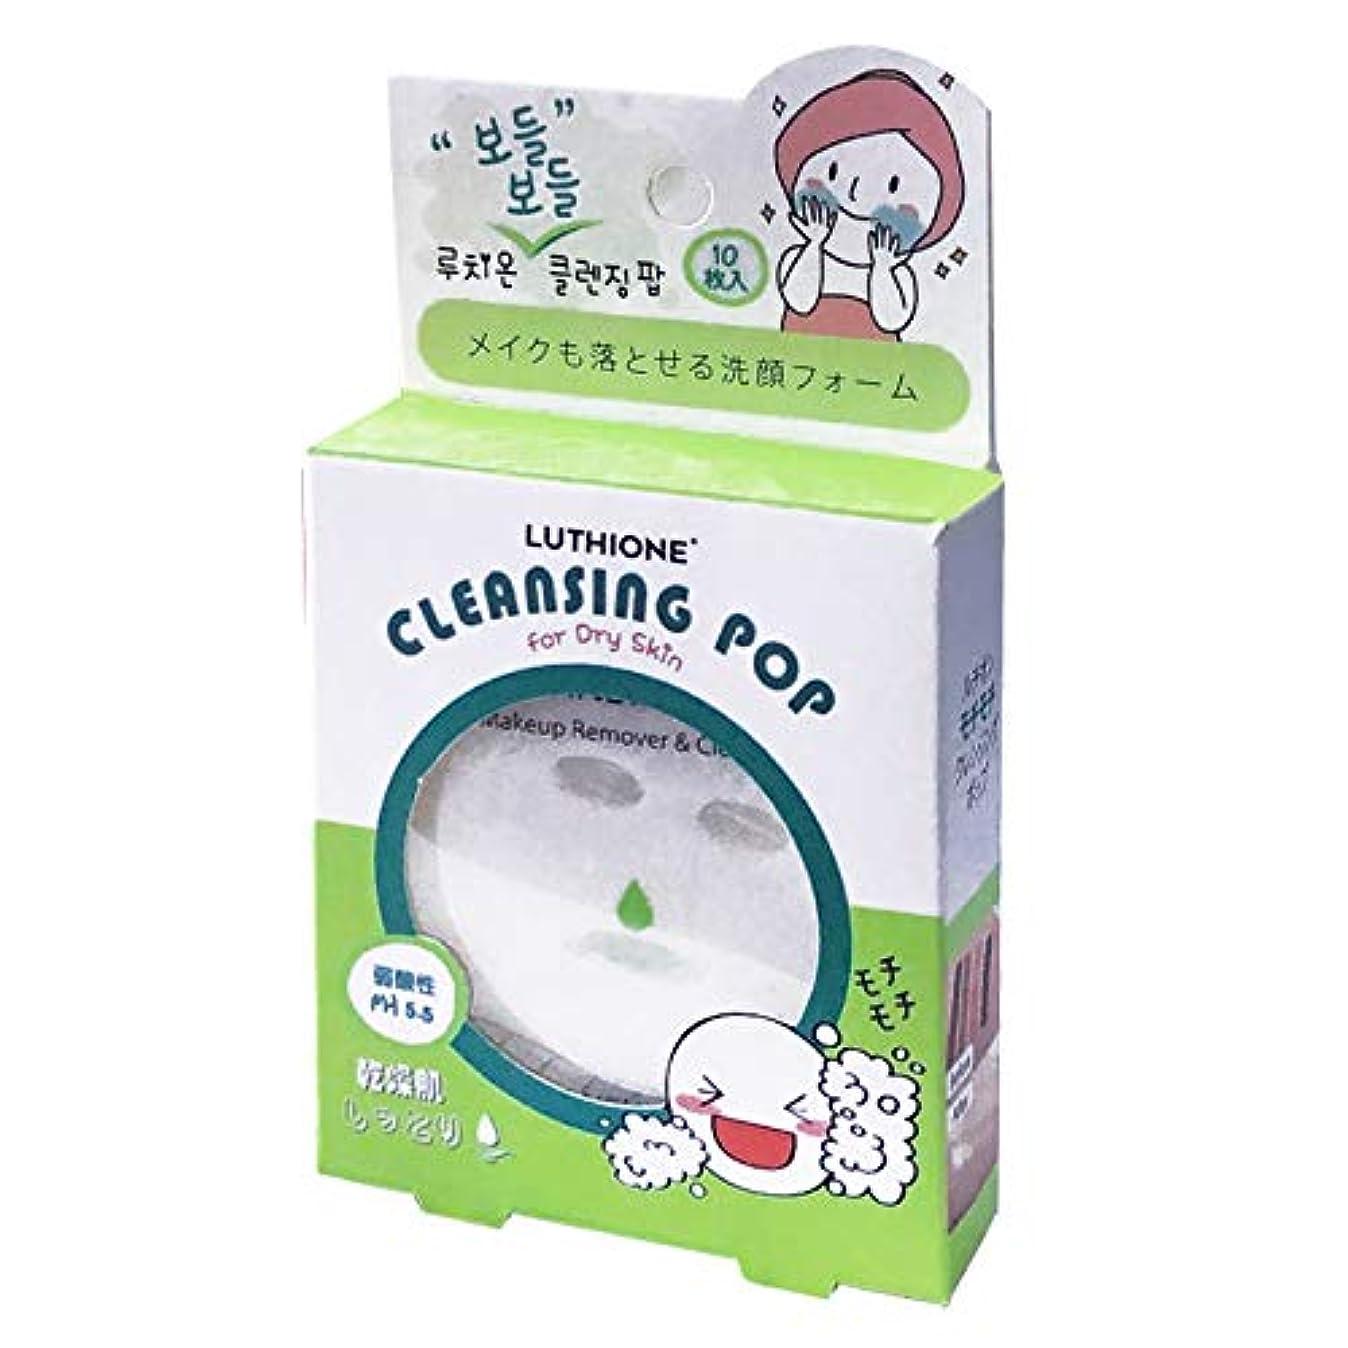 抑圧ファシズム令状【まとめ買い】ルチオン クレンジングポップ (LUTHIONE CLEANSING POP) 乾燥肌 10枚入り ×10個